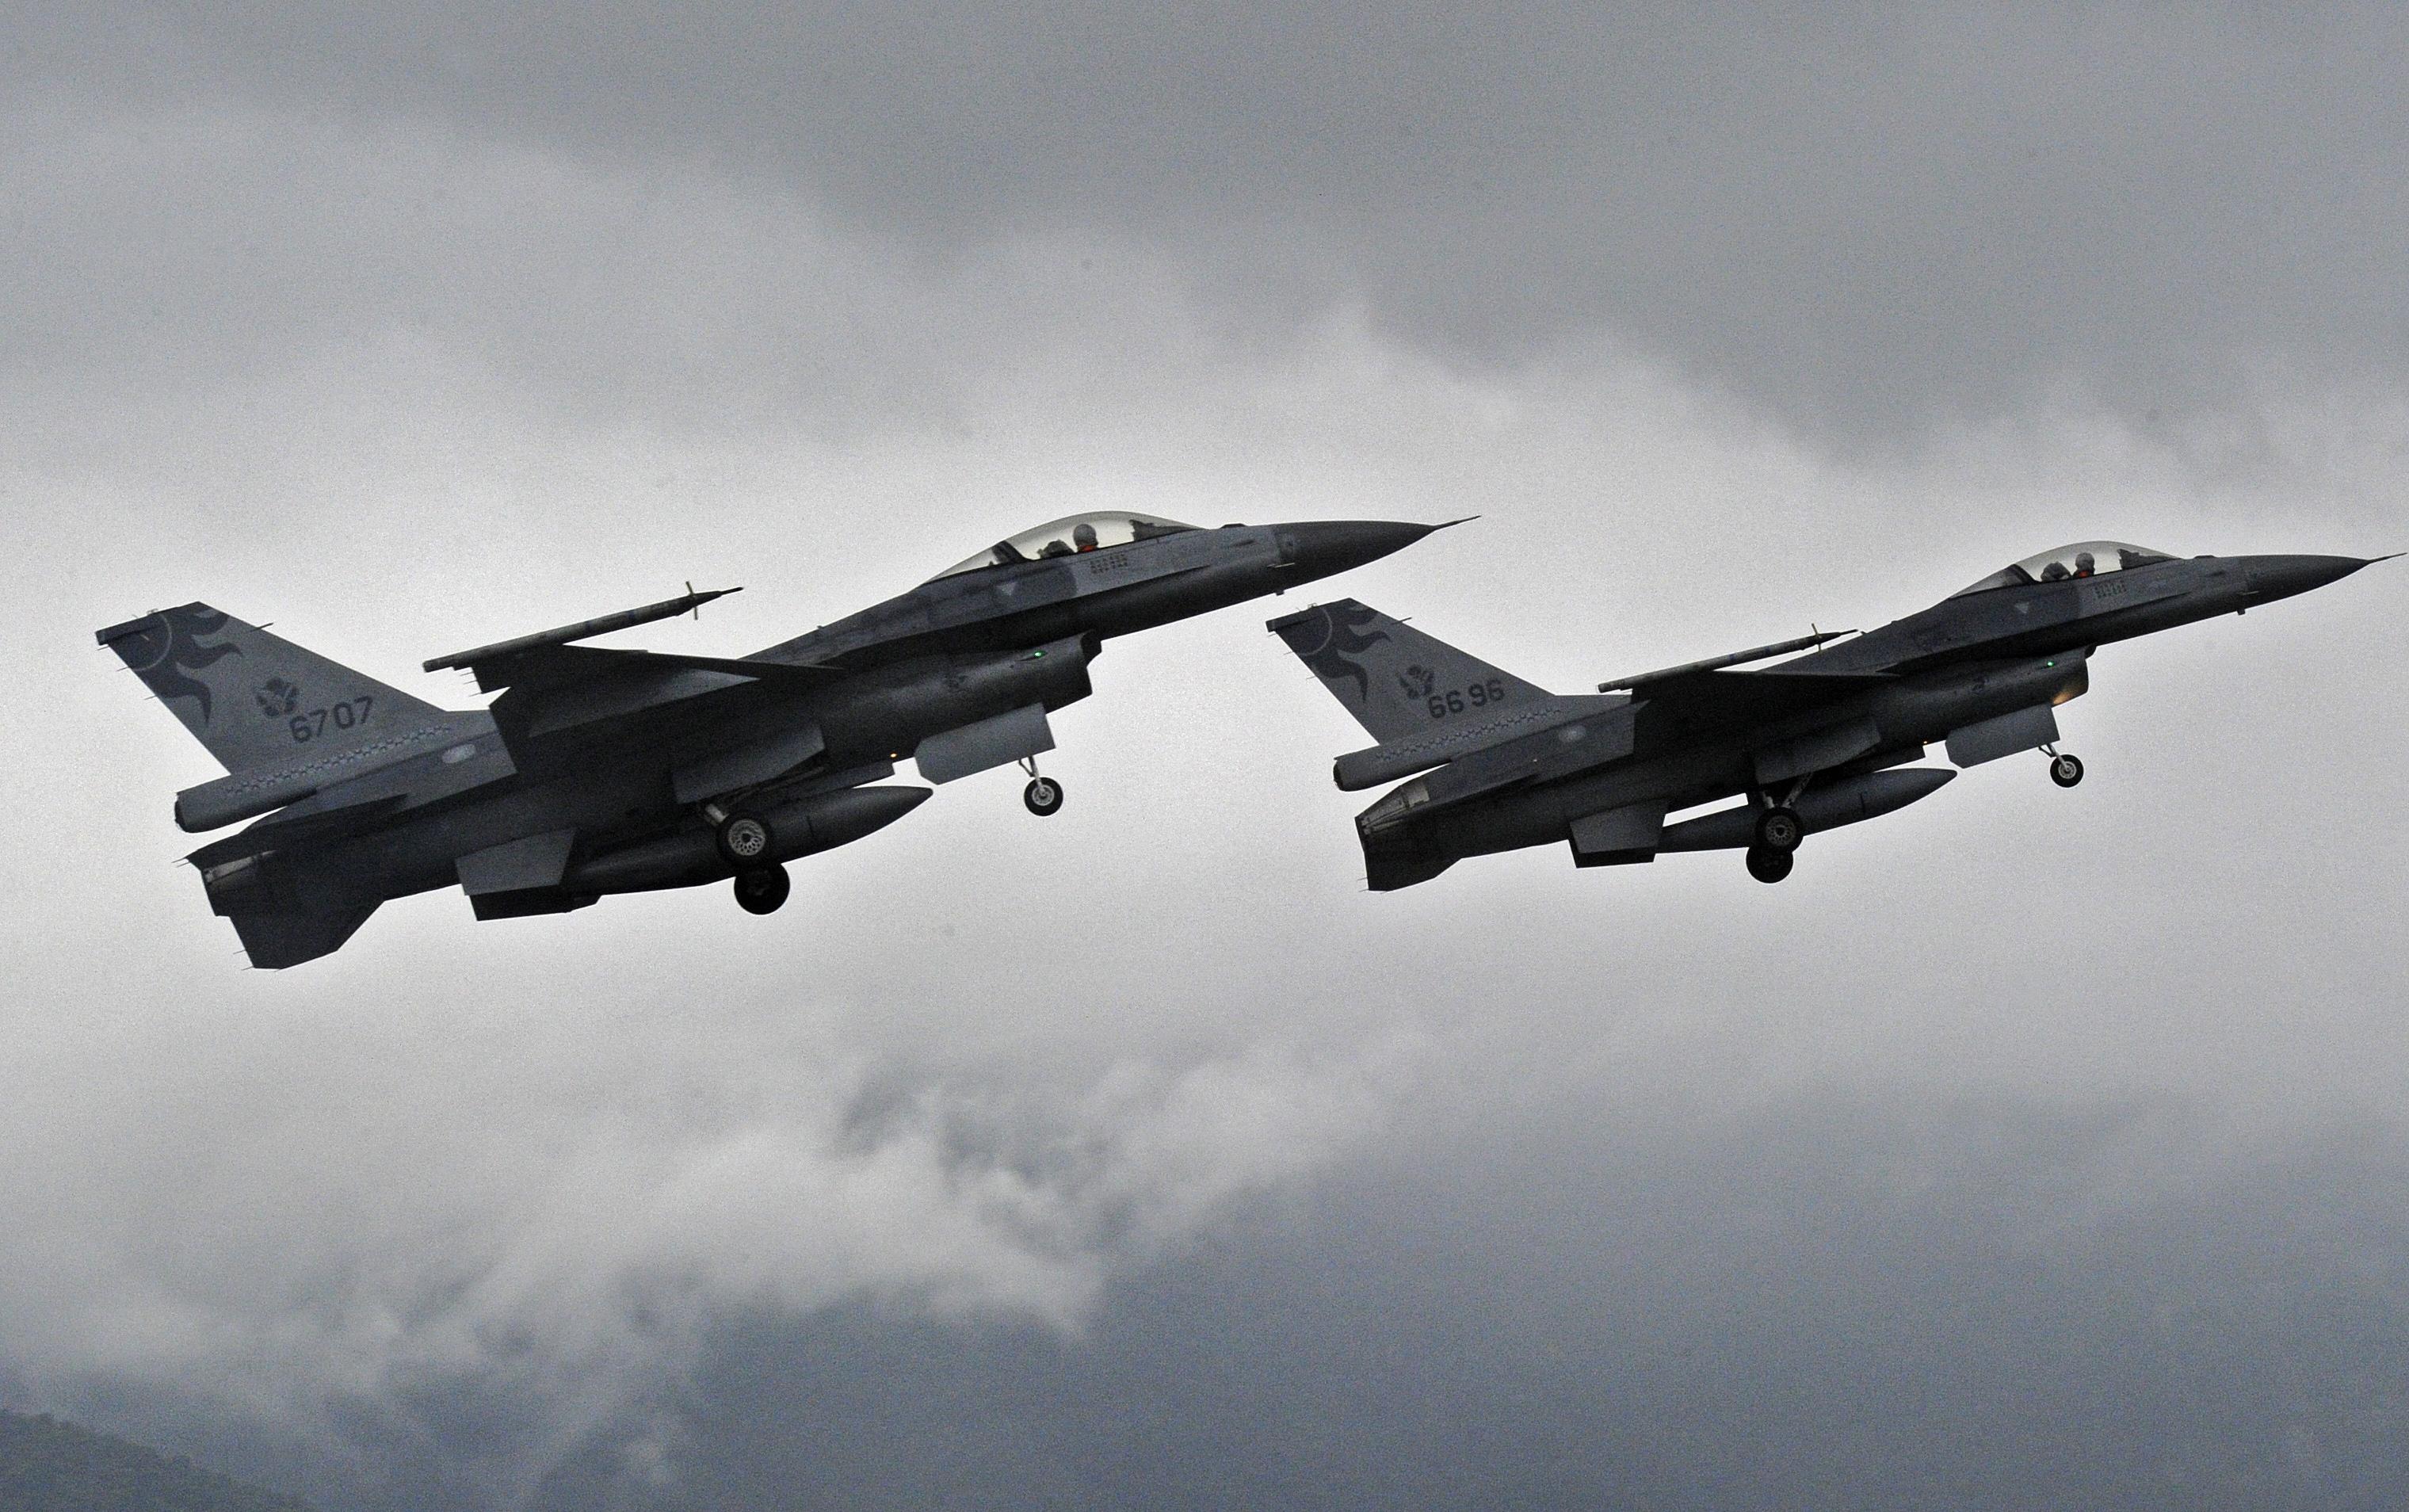 特朗普政府挺台灣 傳默許售台60架F-16戰鬥機